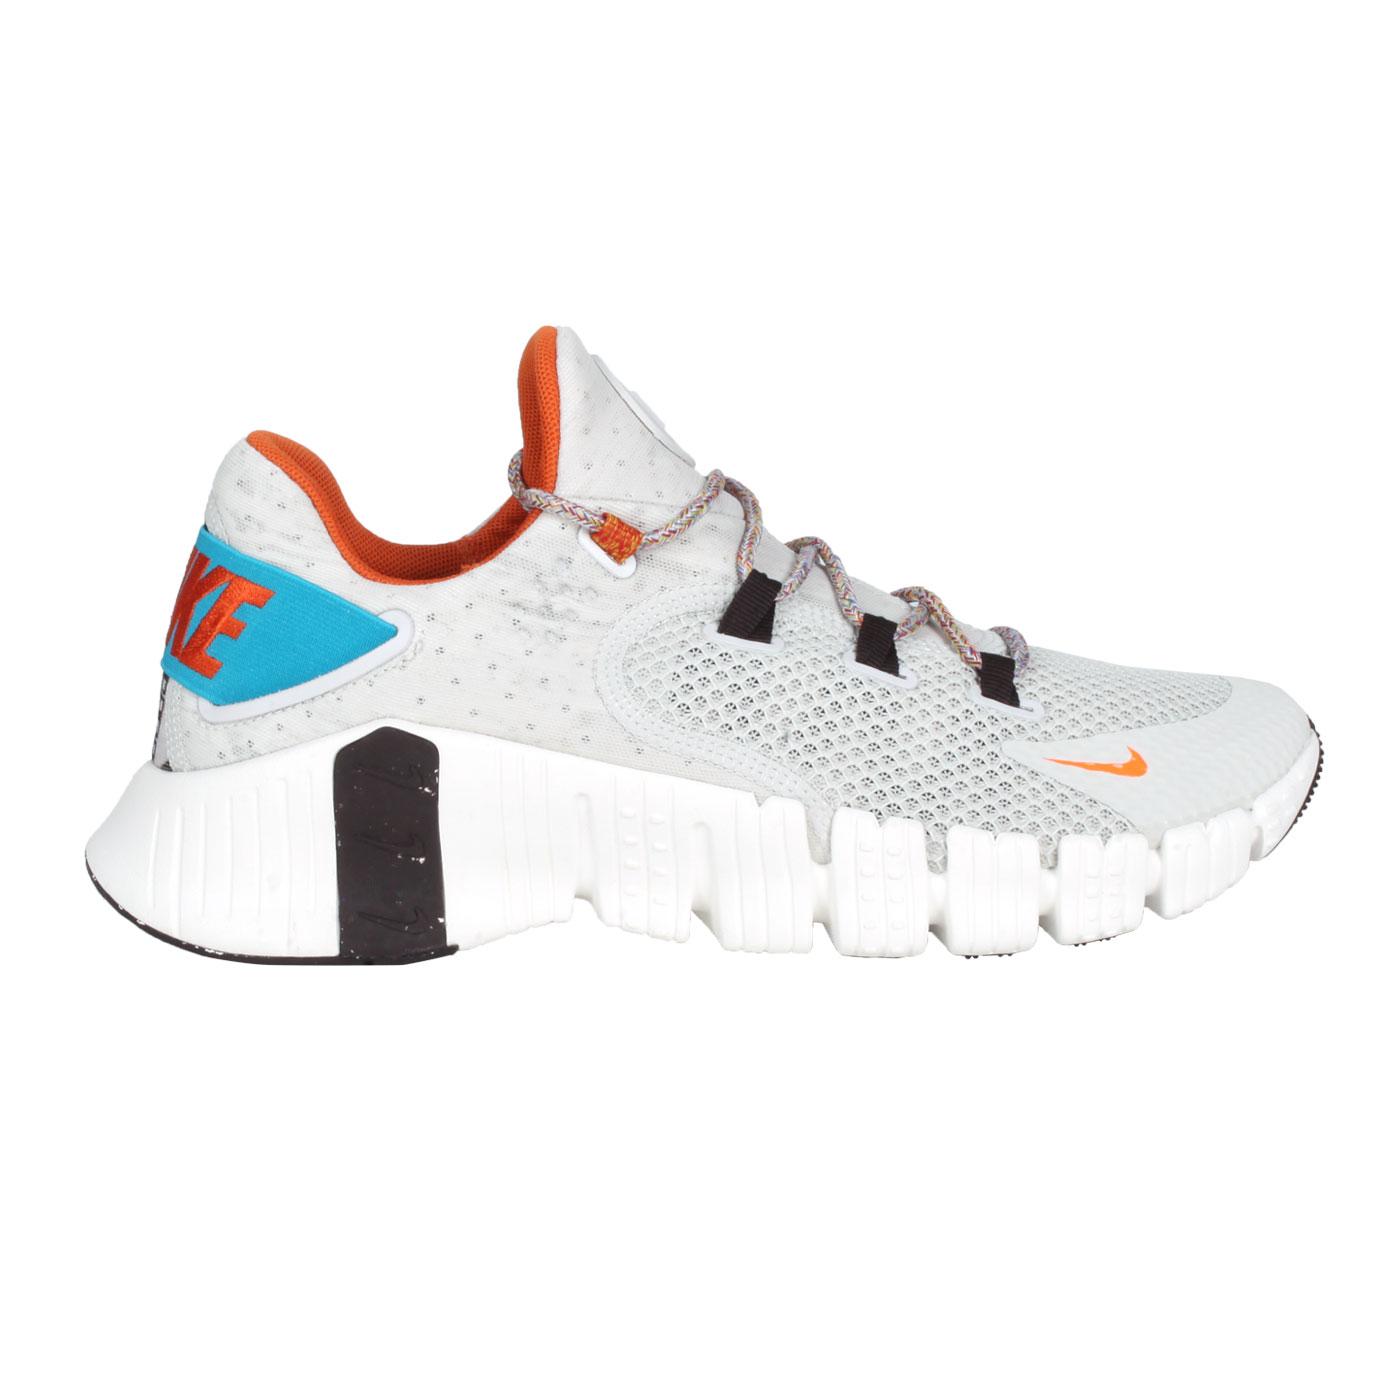 NIKE 男款訓練鞋  @FREE METCON 4 MFS@DH2726-091 - 淺灰深橘藍